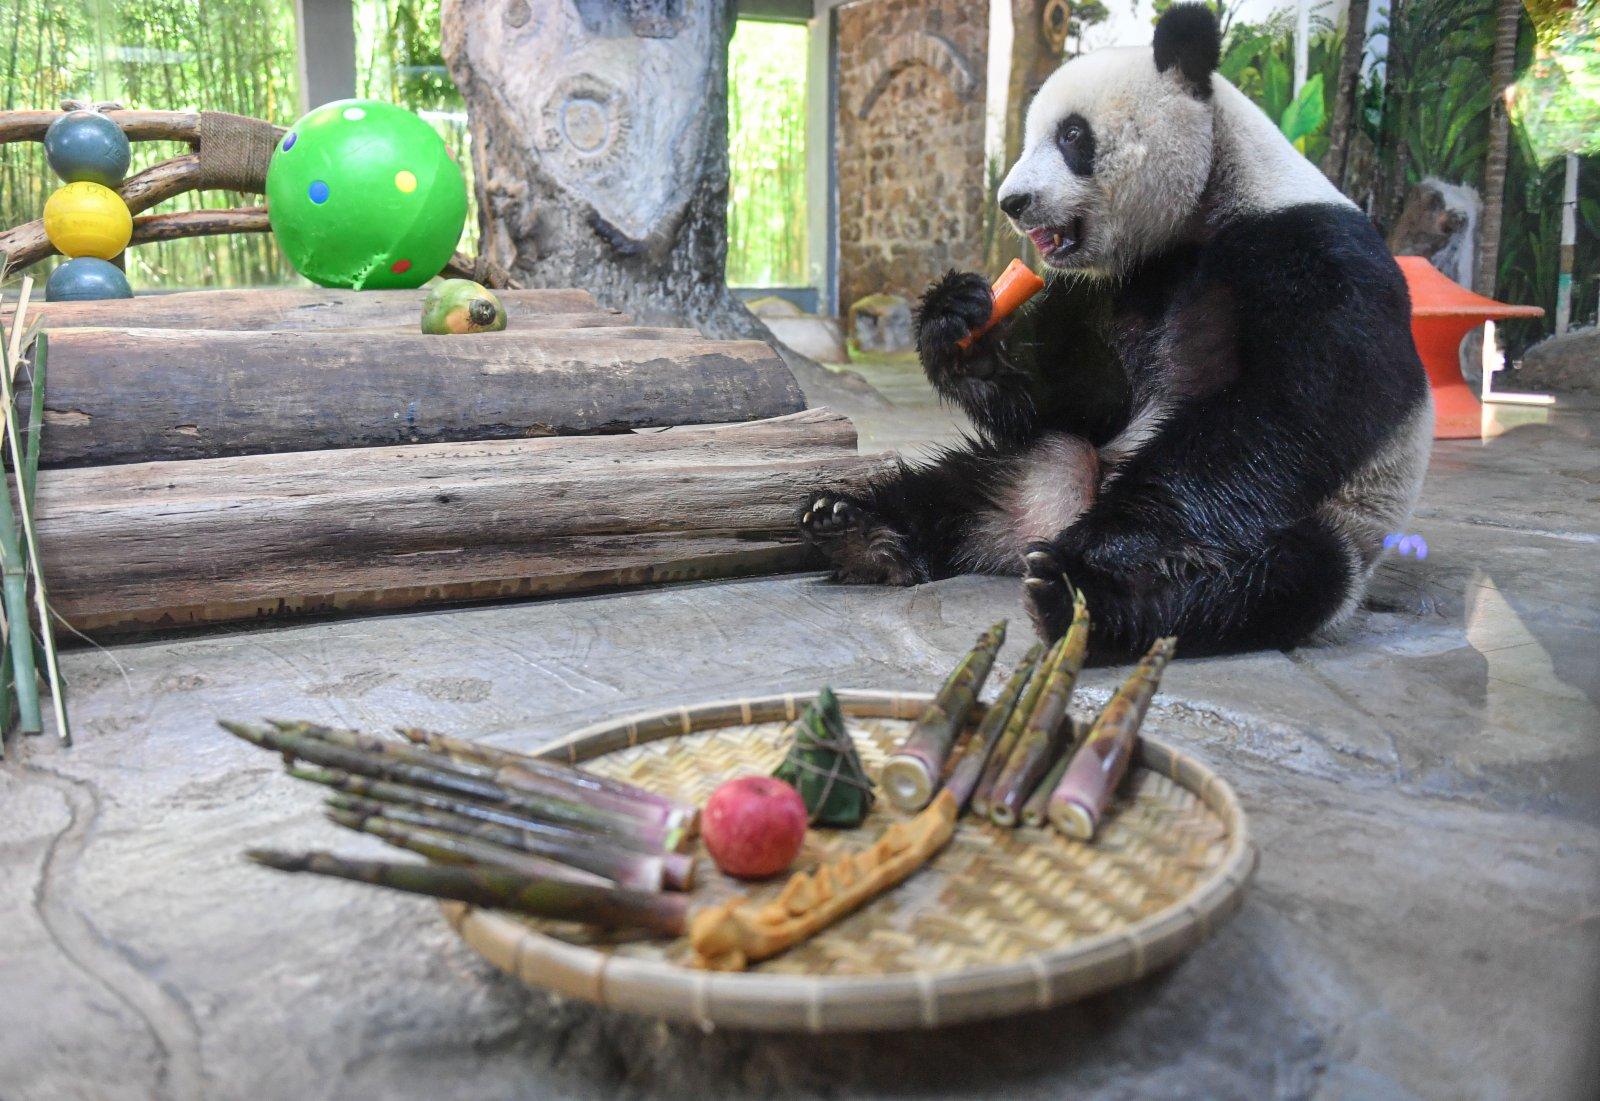 6月14日,在位於海口的海南熱帶野生動植物園,大熊貓「貢貢」享用美食。(新華社)